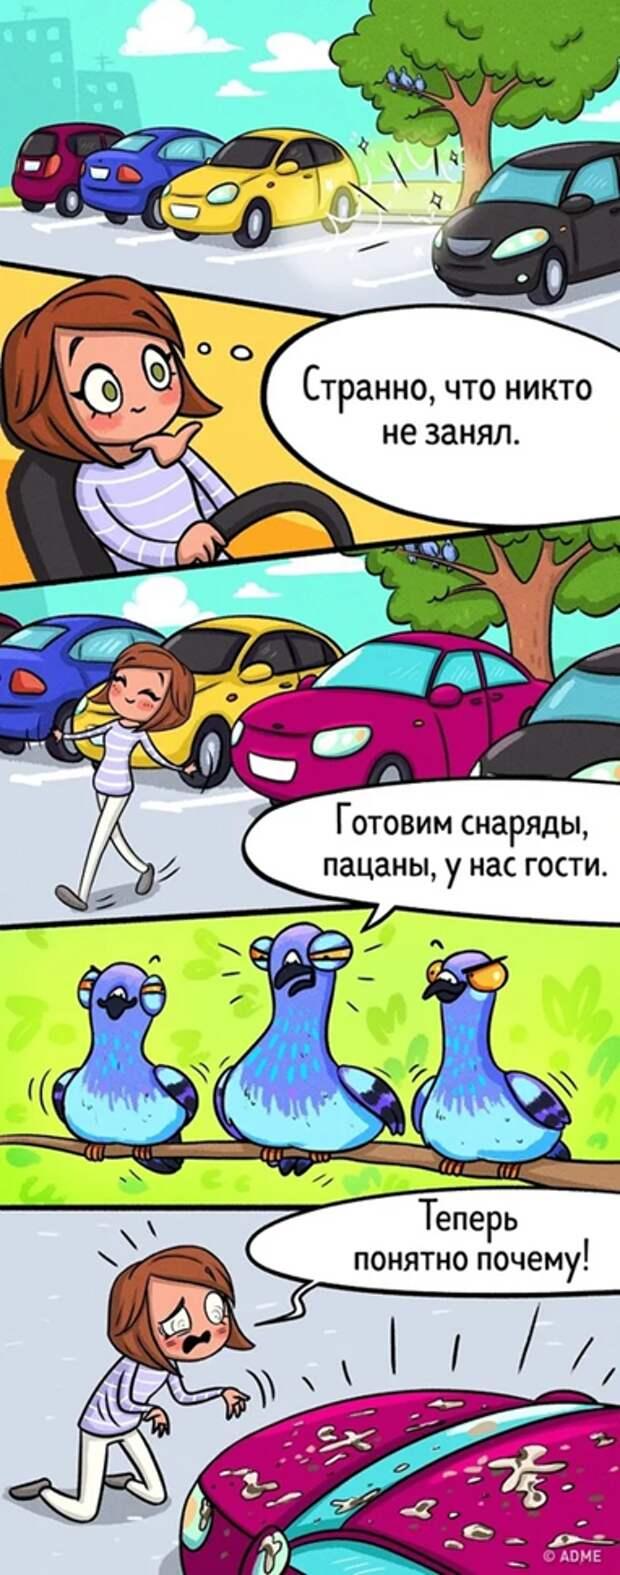 """Всем автовладельцам будут близки и понятны эти симпатичные комиксы про вашего любимого """"железного коня"""""""